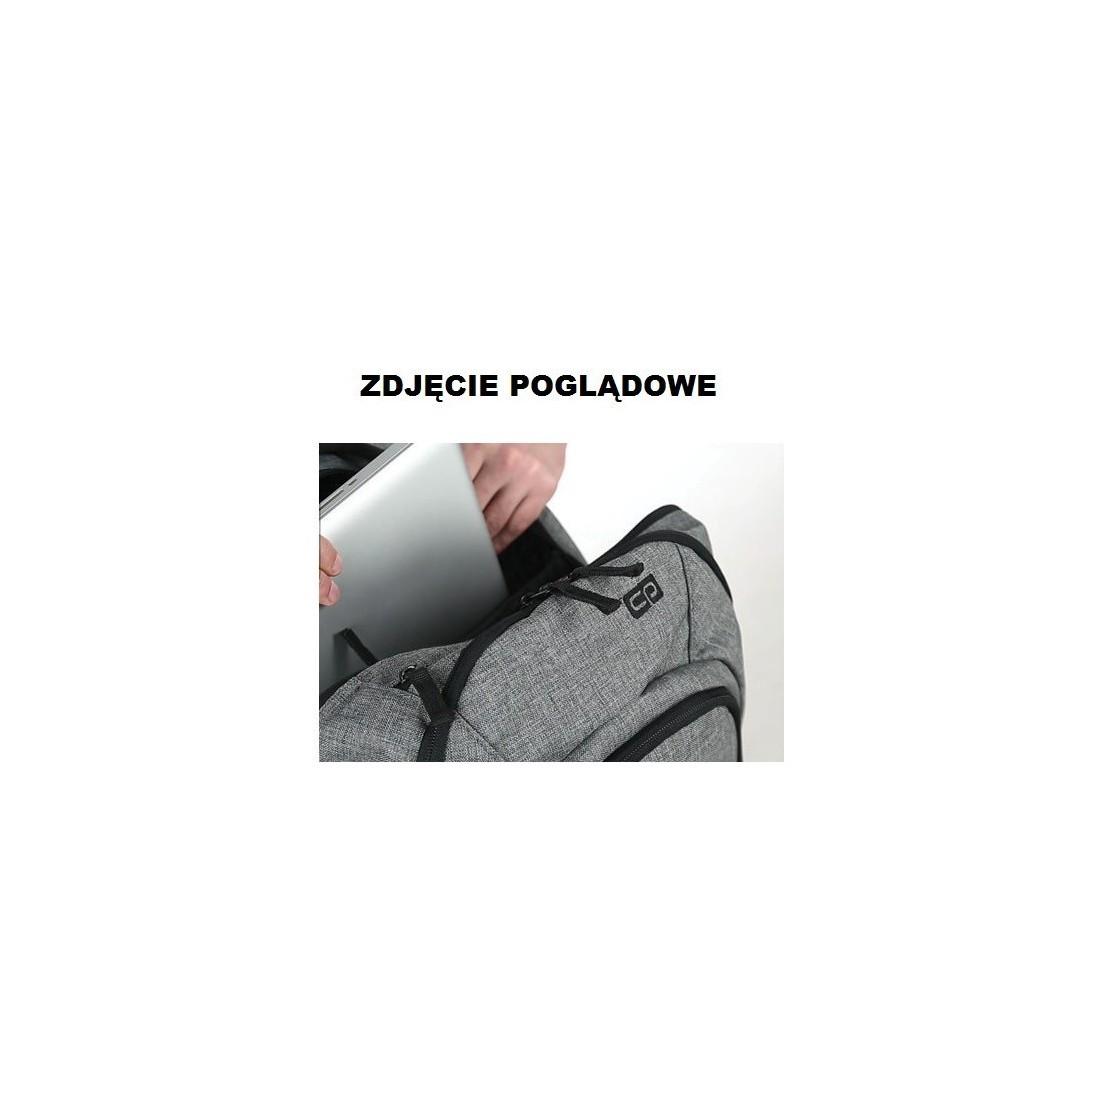 77dd45f90eeed Plecak młodzieżowy CoolPack CP Mercator Snow Purple dla dziewczyny - plecak -tornister.pl